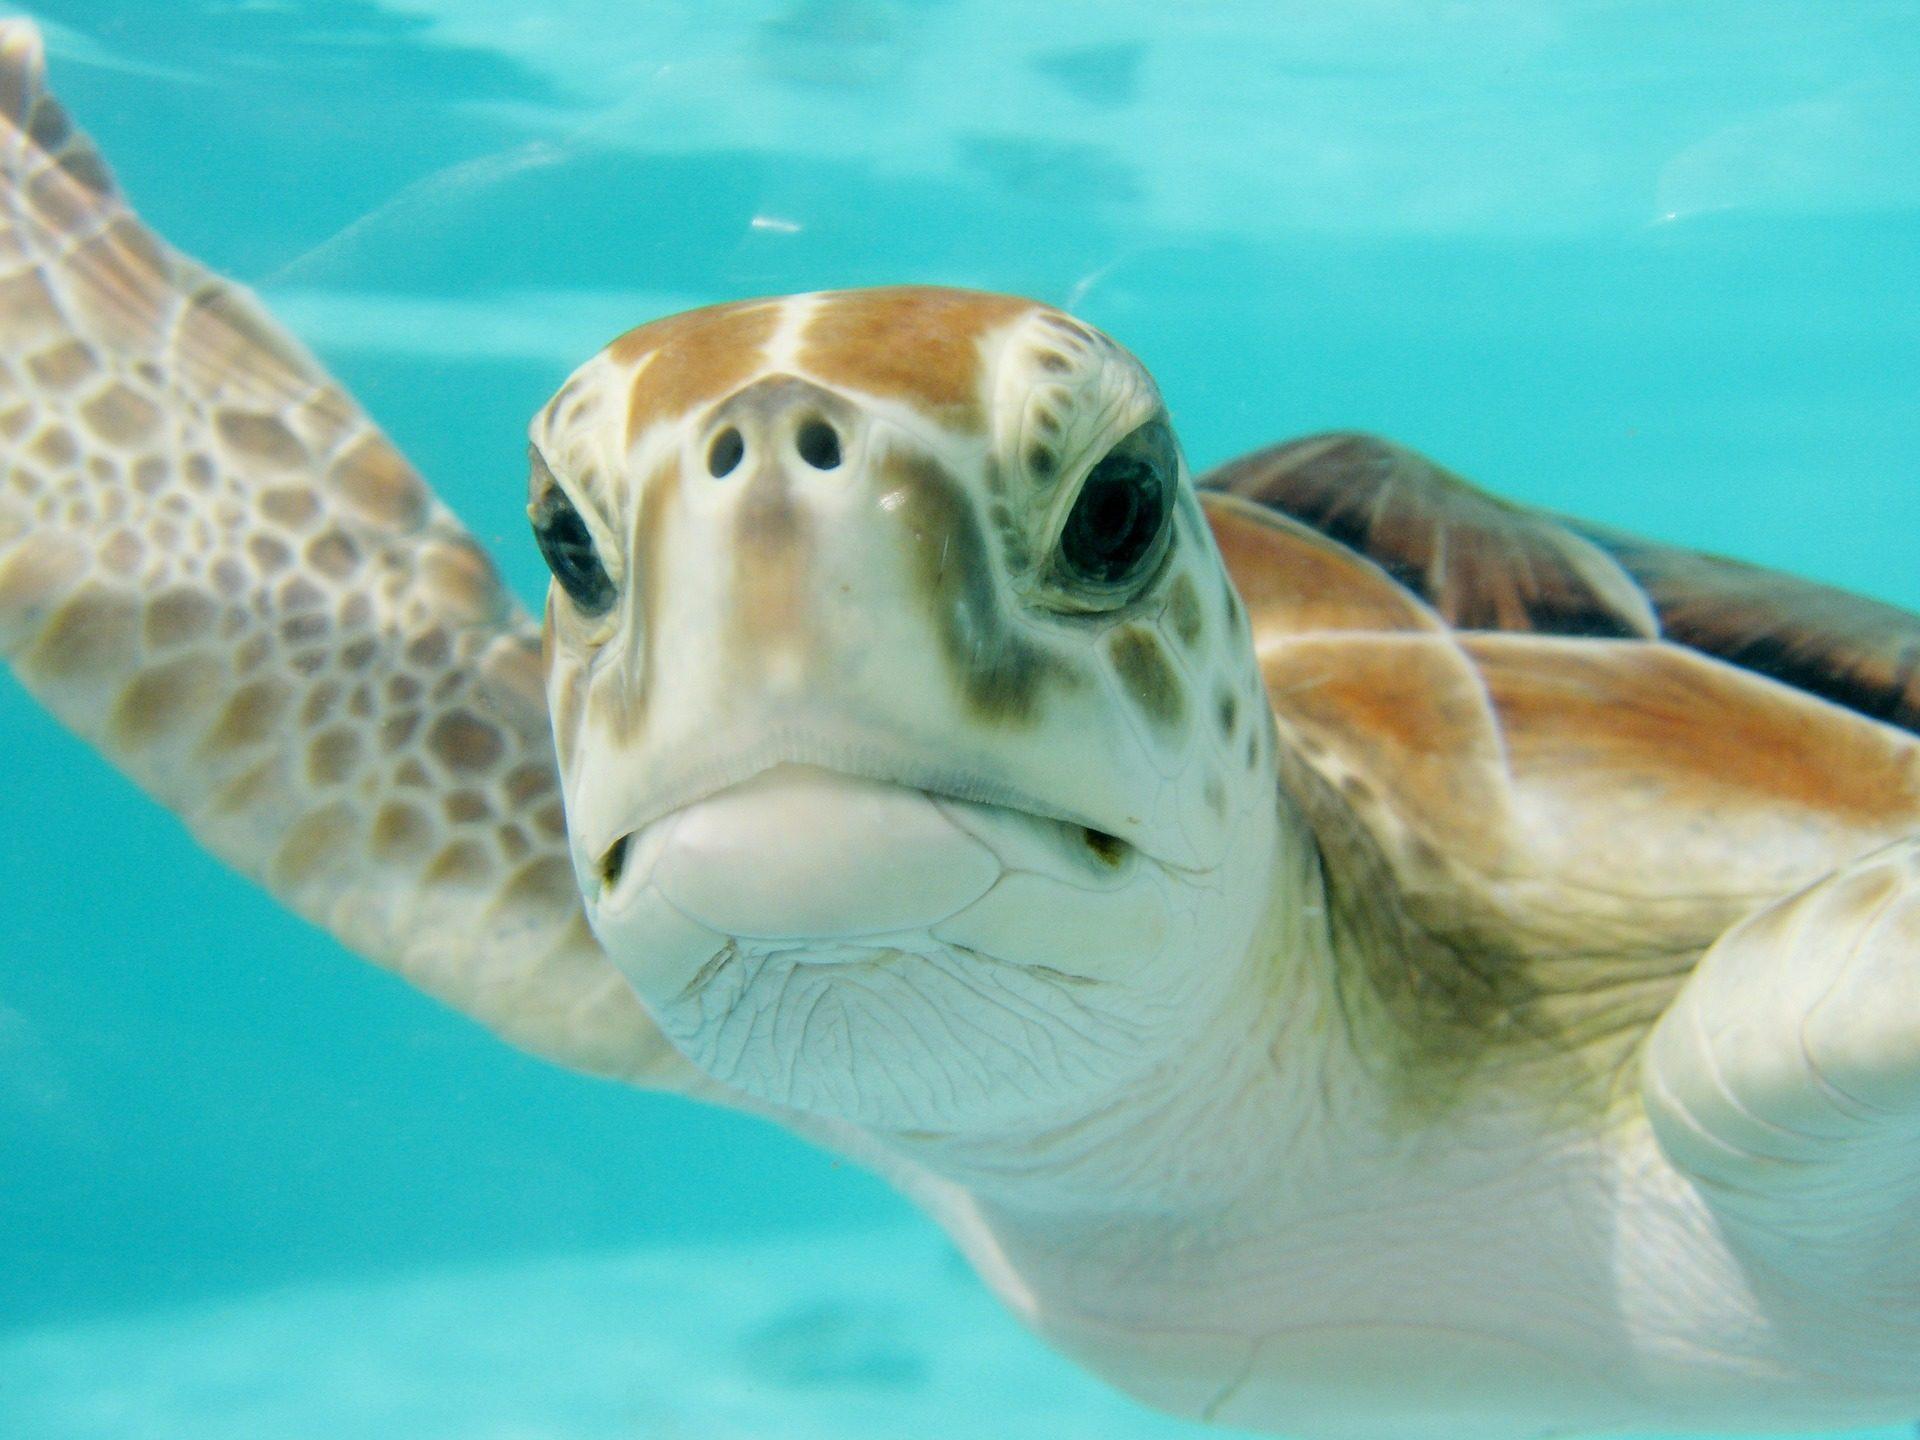 Tartaruga, Marina, Olha, nariz, debaixo d'água - Papéis de parede HD - Professor-falken.com